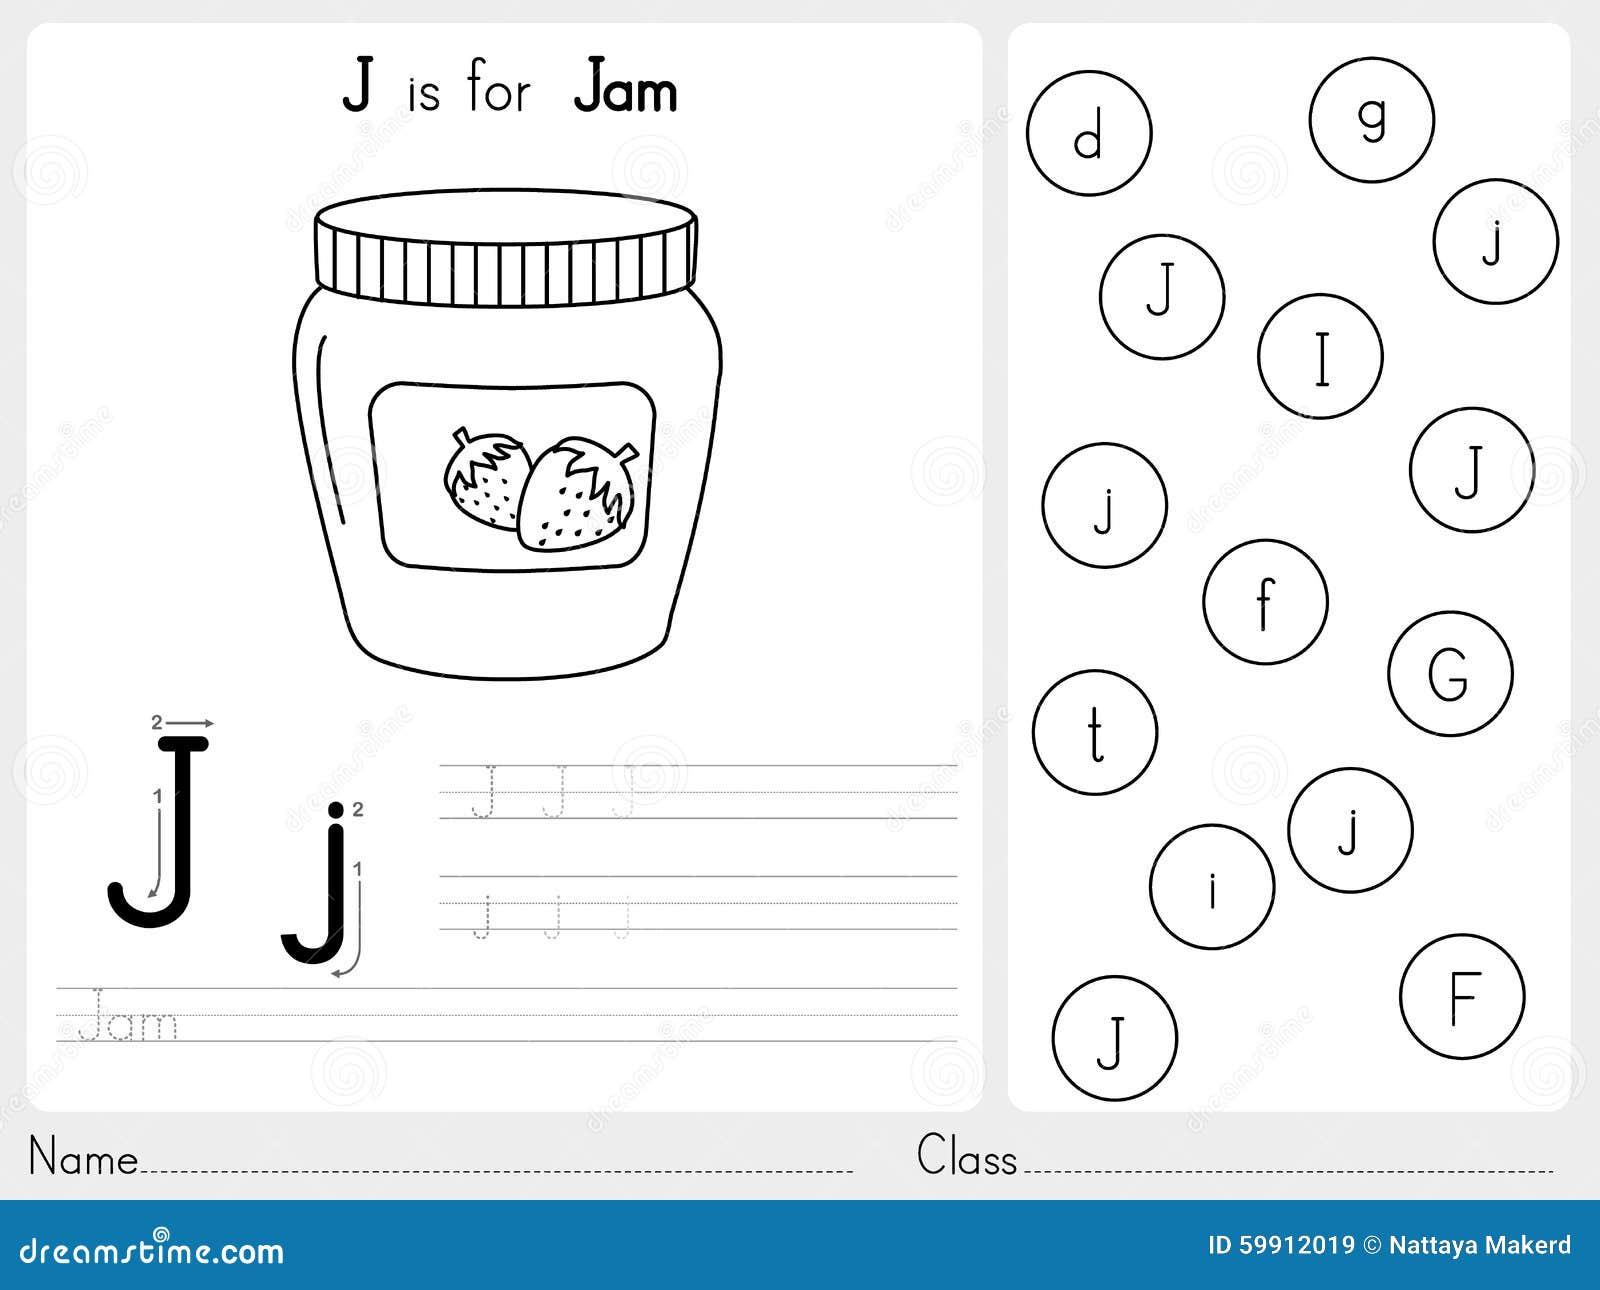 Fantastisch Alphabet Malbuch Fotos - Malvorlagen Von Tieren - ngadi.info